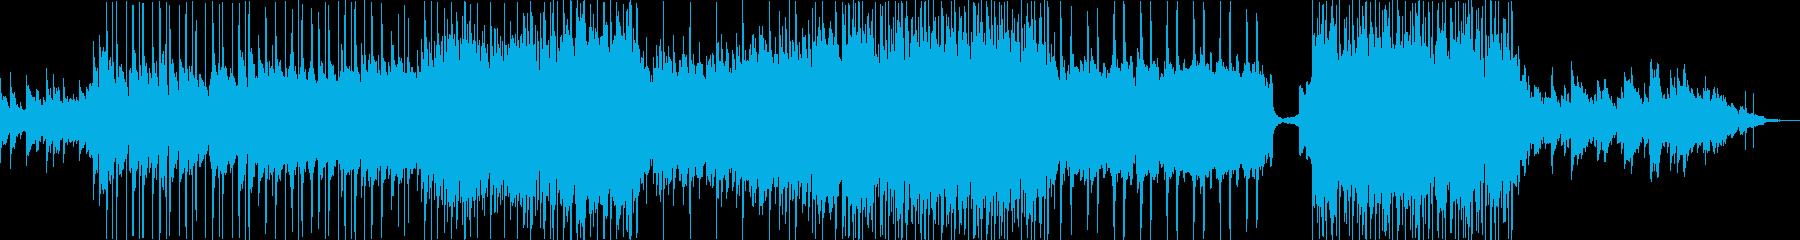 エンディングで流れるような優しいバラードの再生済みの波形